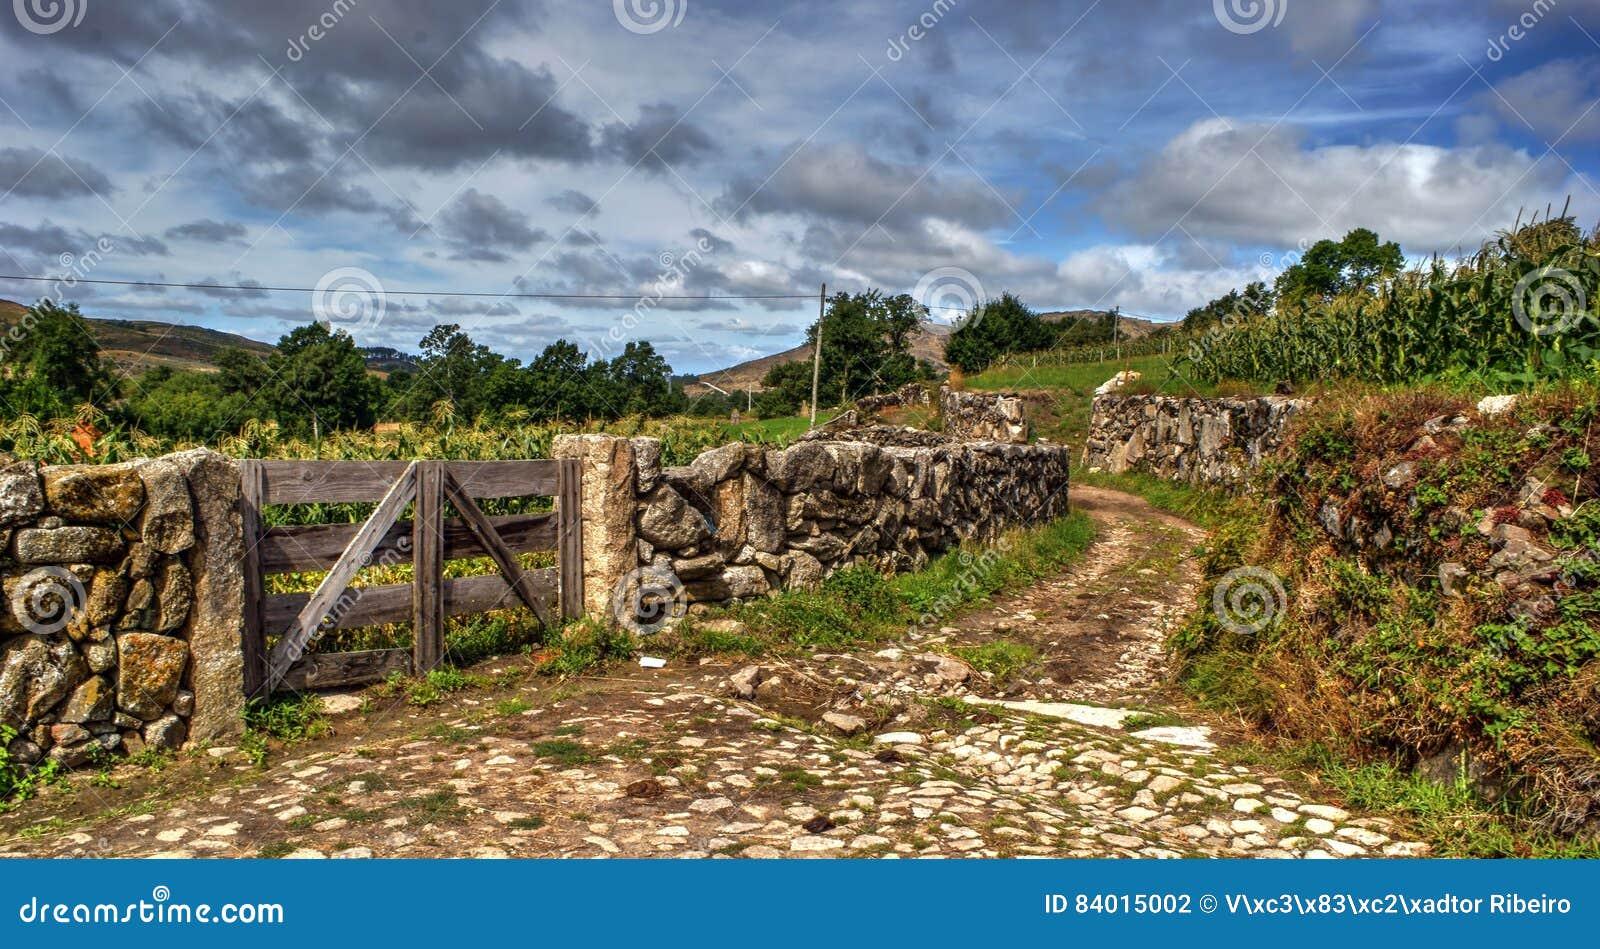 Rural village of Lamas de Olo in Vila Real